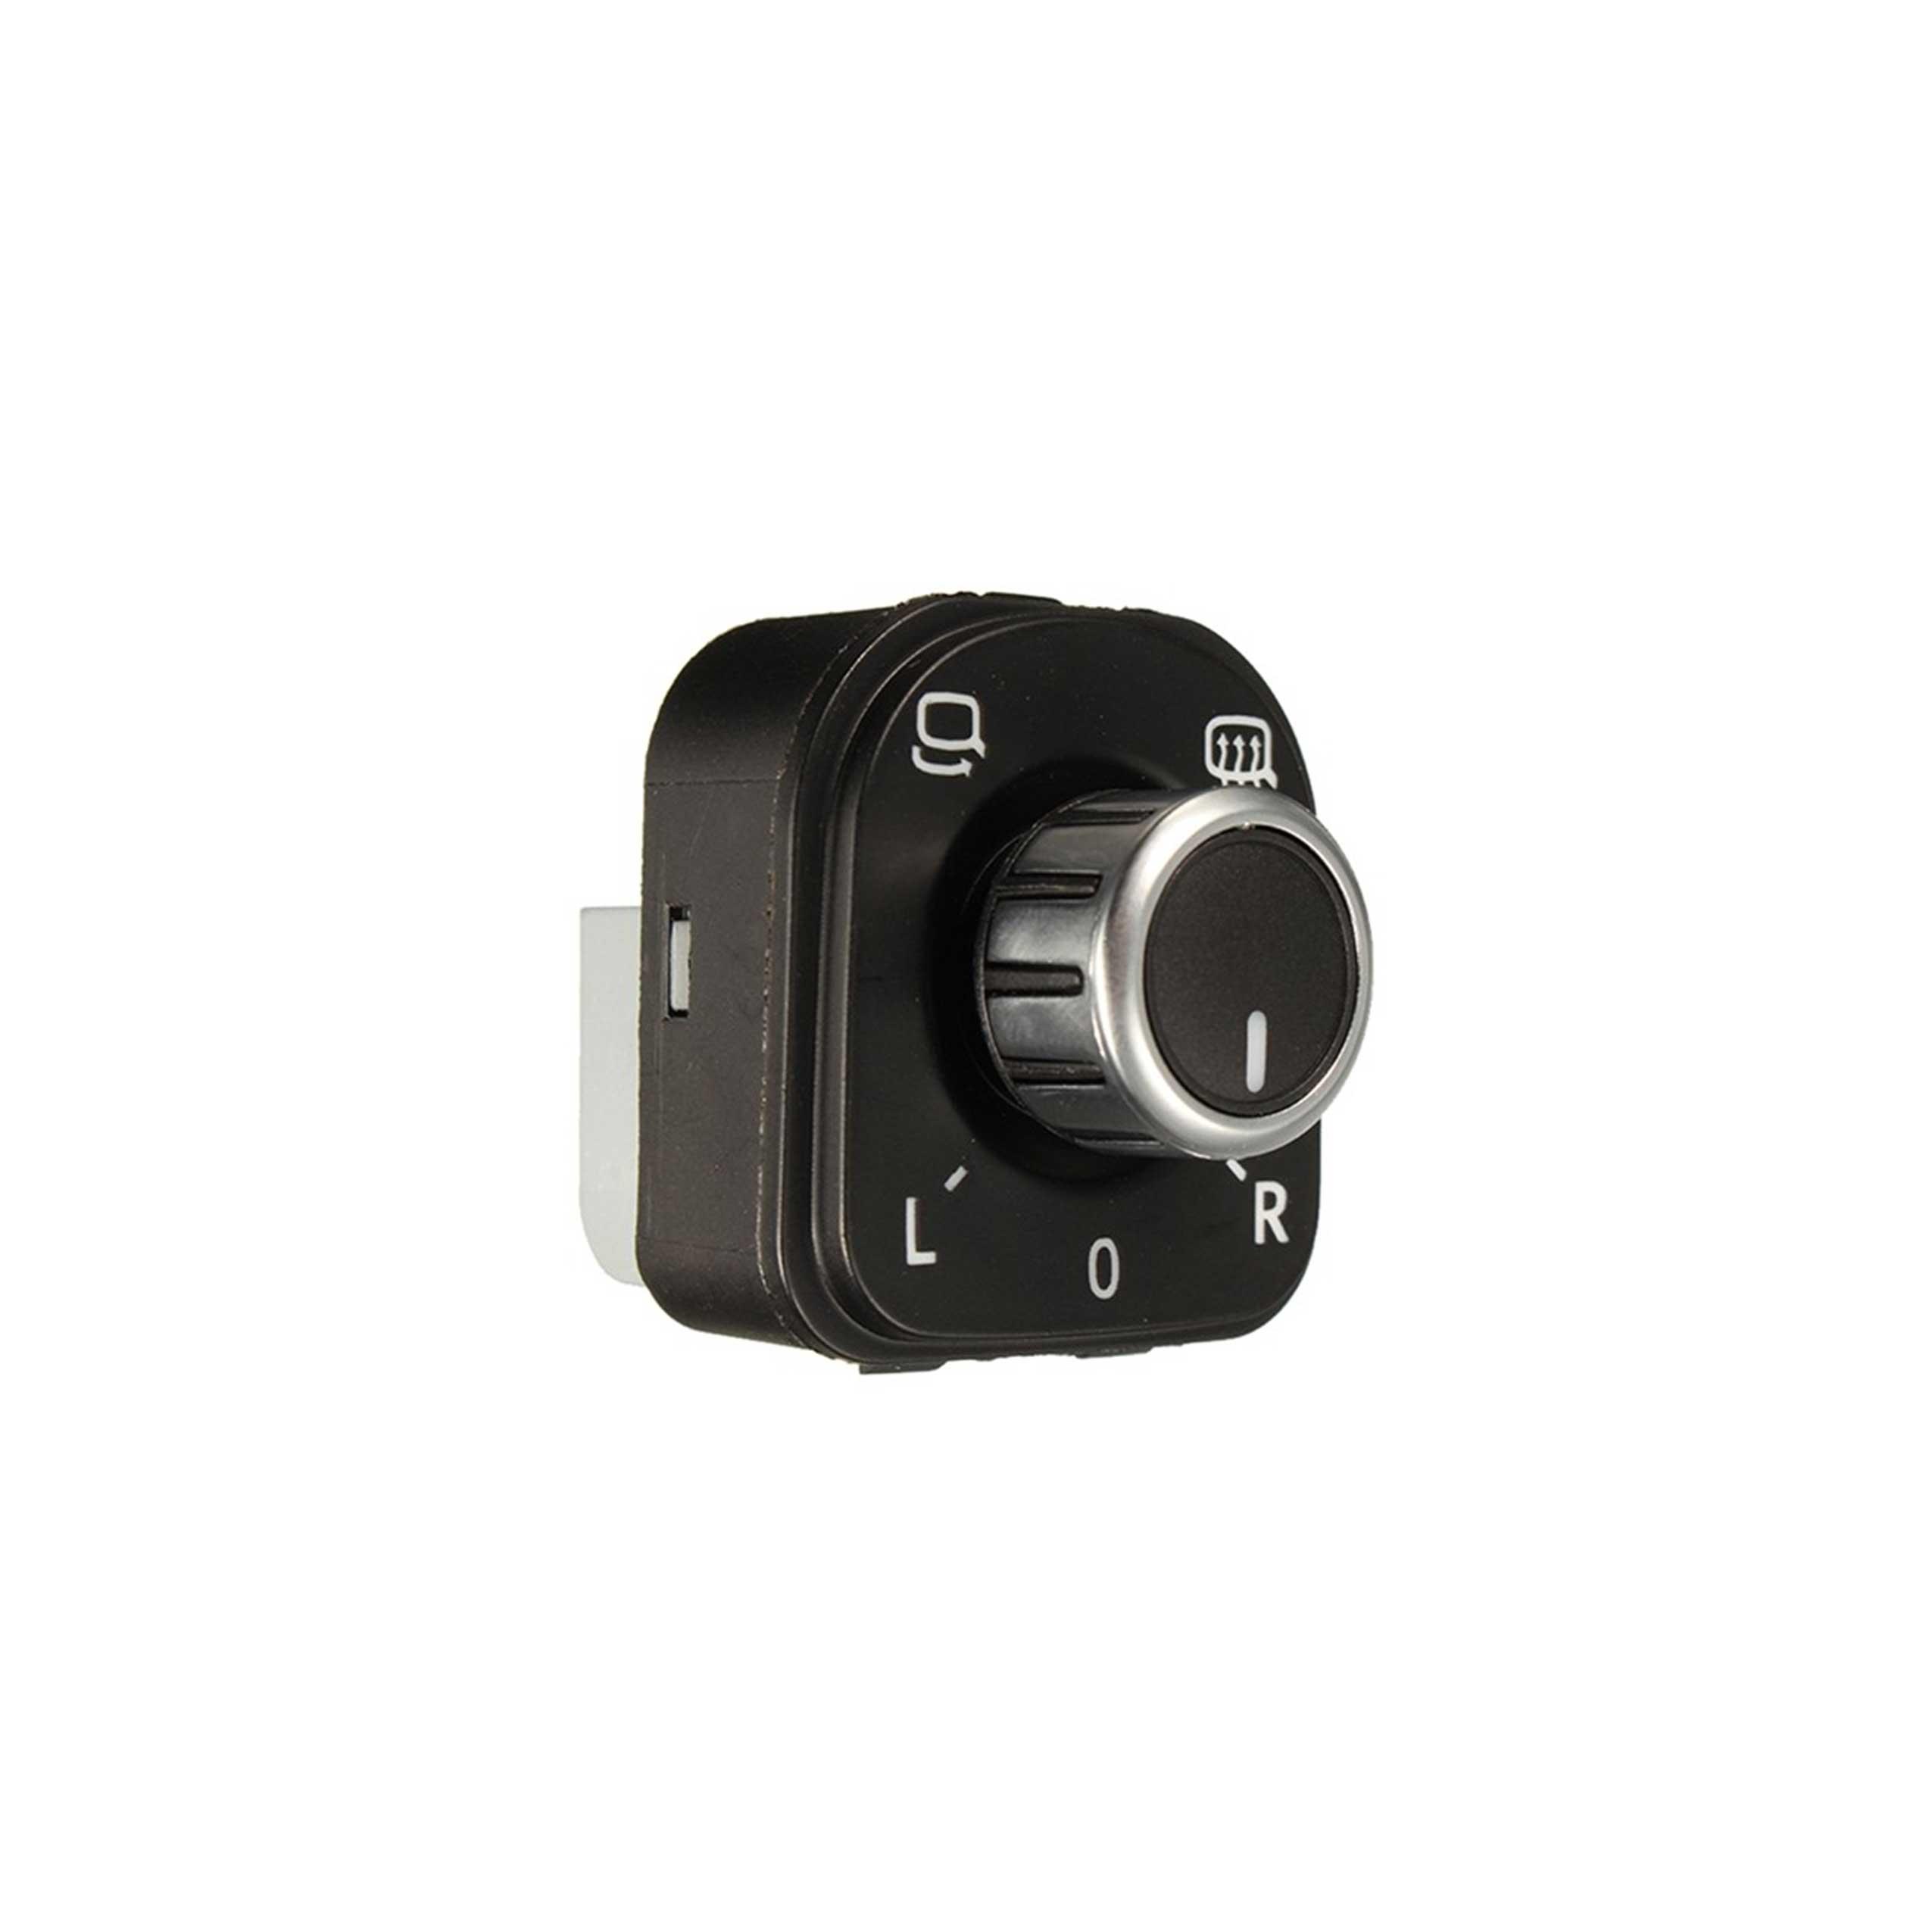 Ayna Ayar Düğmesi Nikelajlı Katlanabilir Ayna - Golf6 - Passat - Tiguan